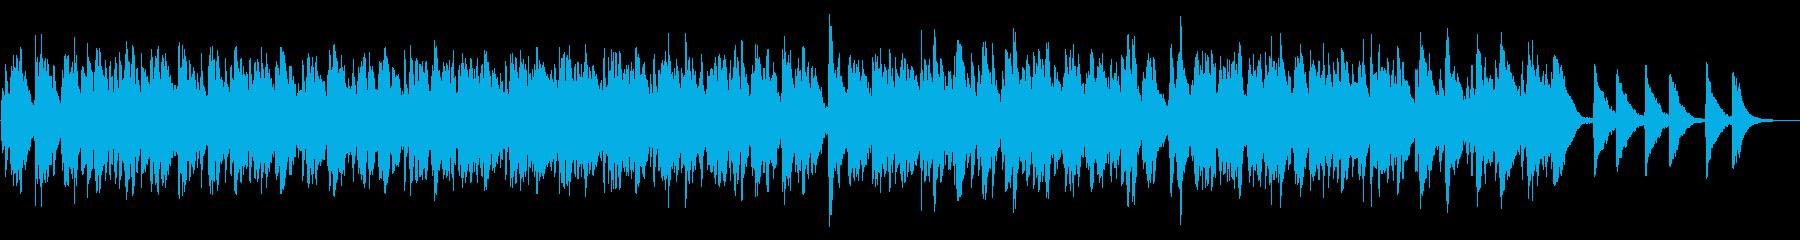 レプトン教会の鐘:リンギングパターンの再生済みの波形